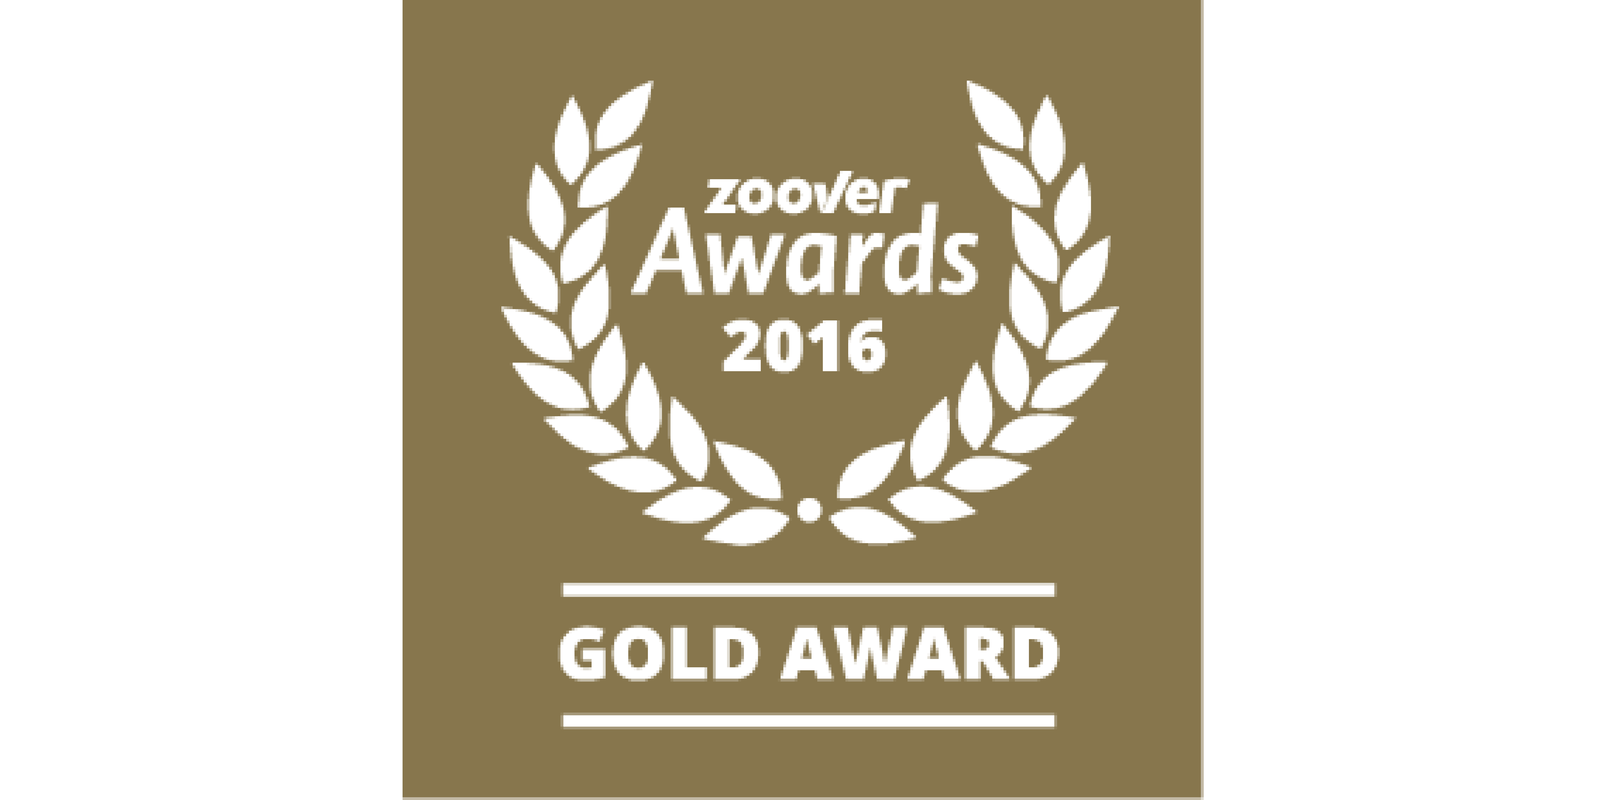 Golden Zoover Award